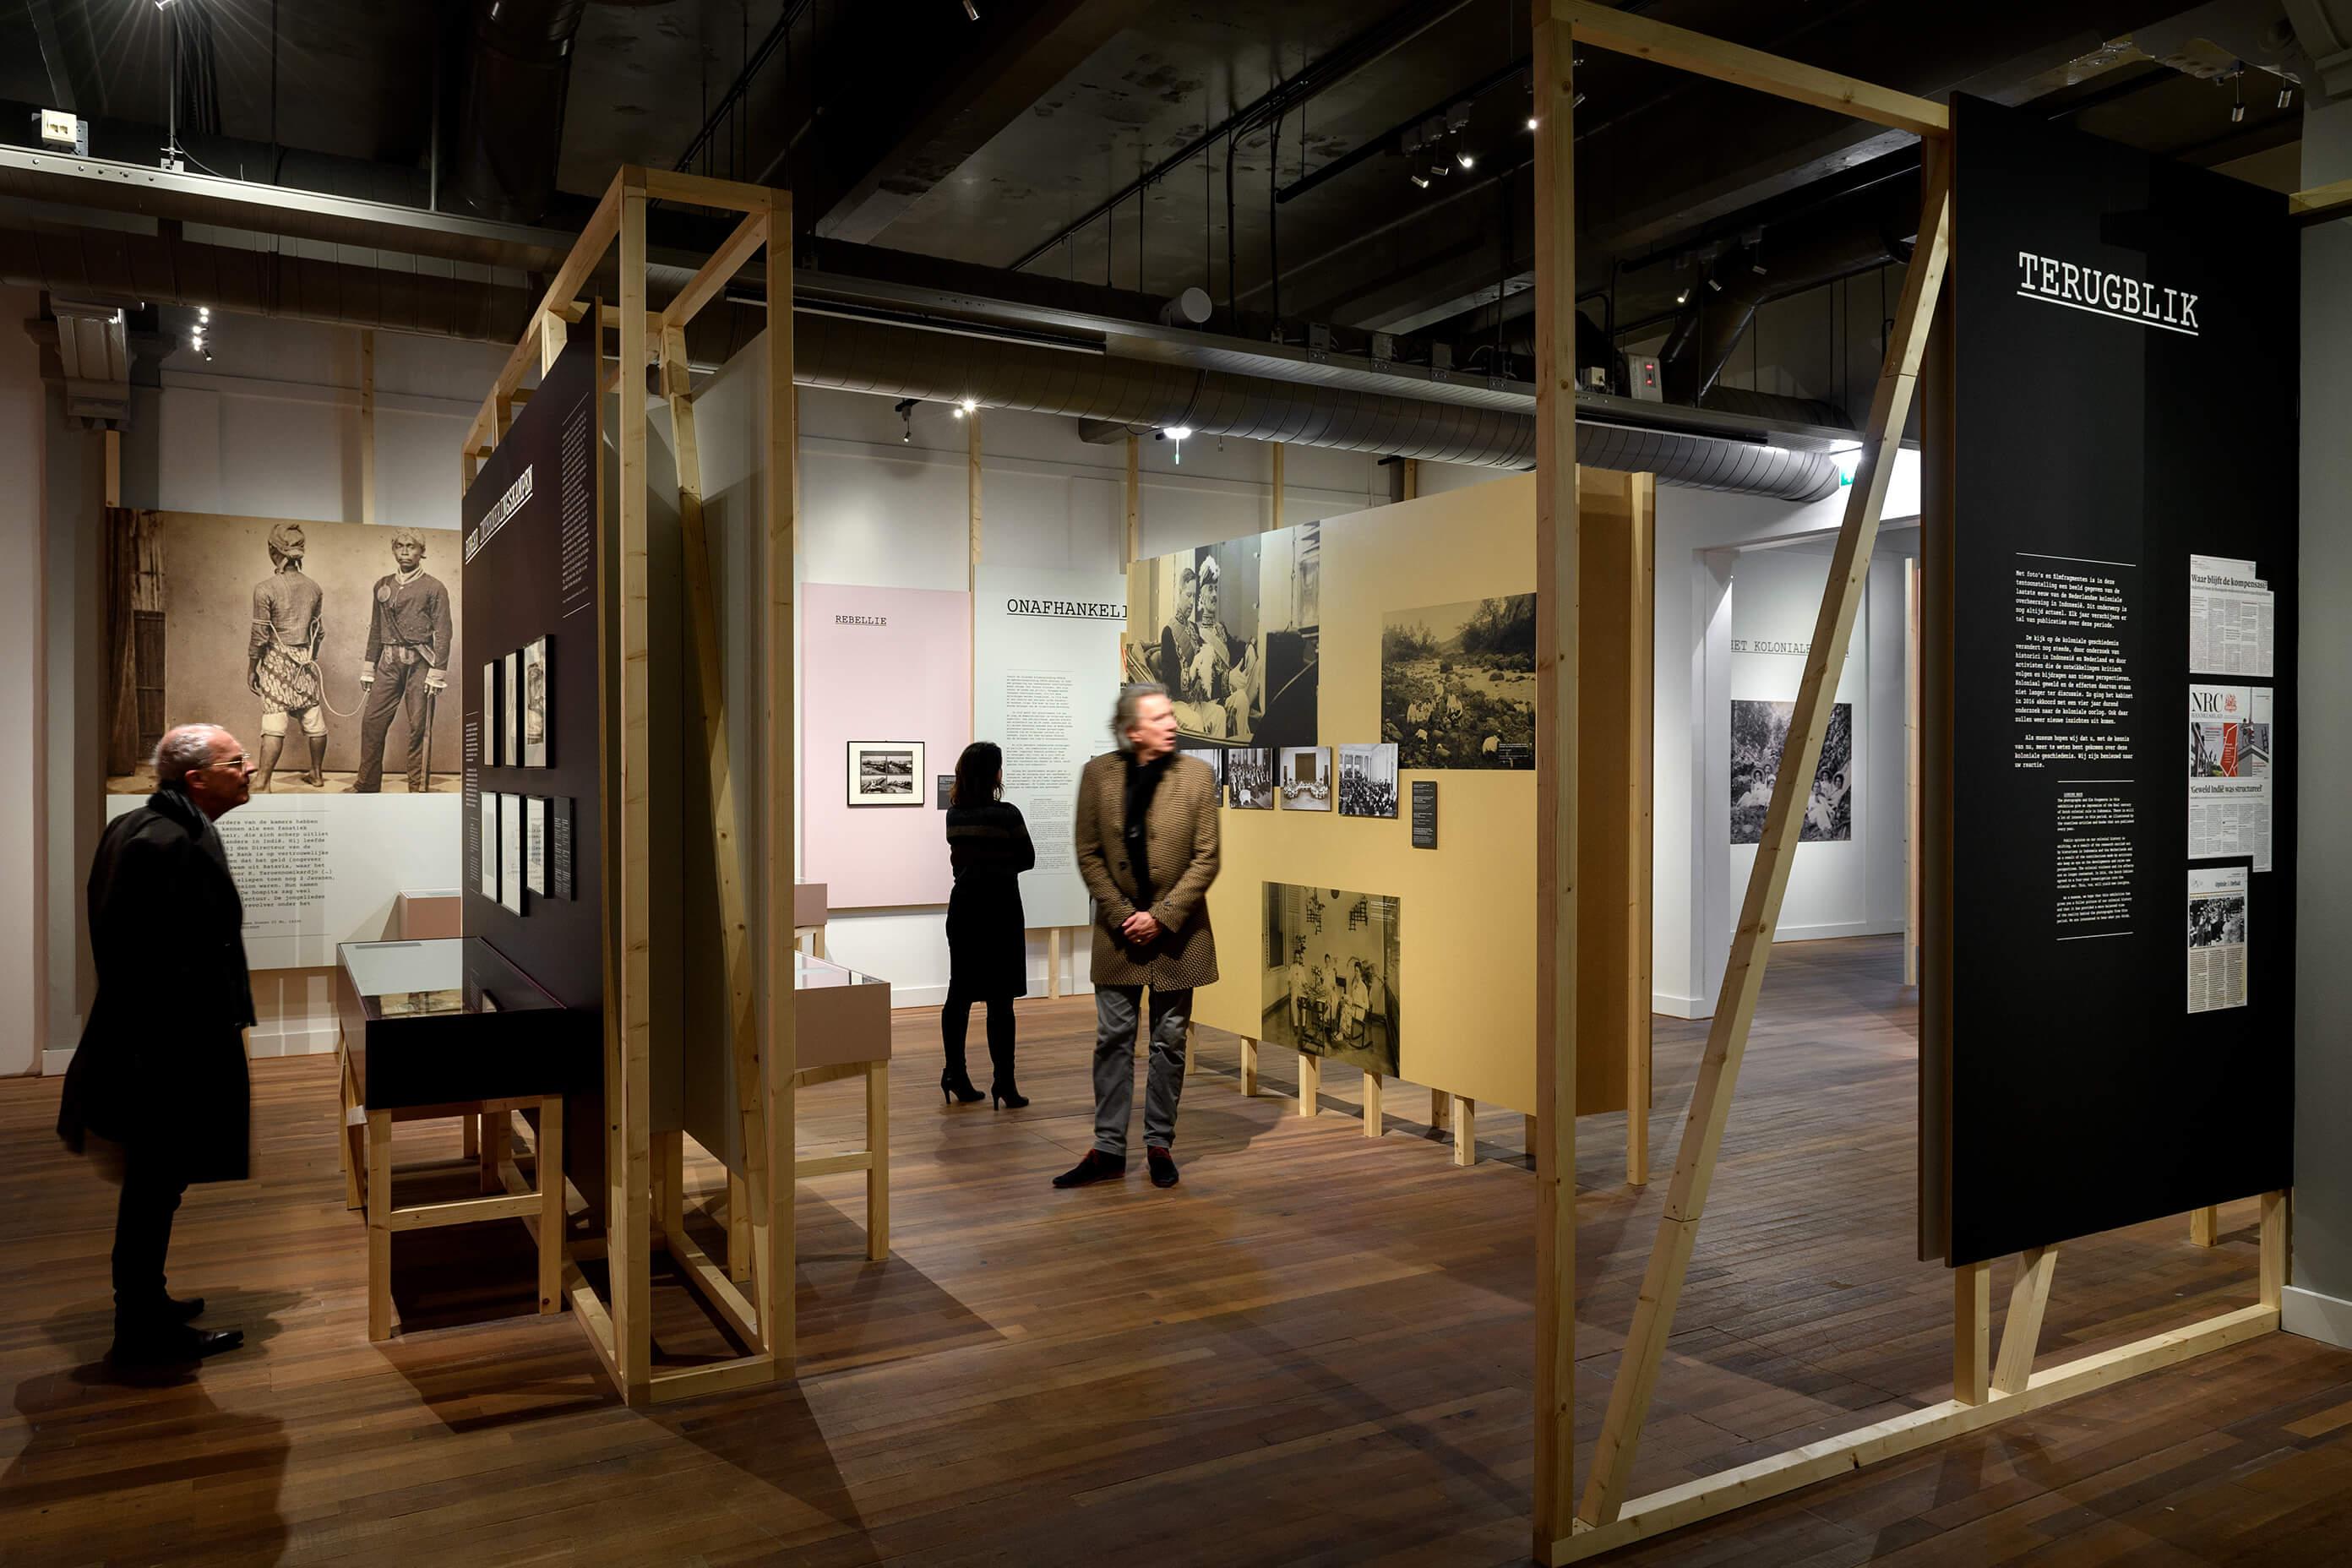 tentoonstellingsontwerp dossier indie wereldmuseum 20 jpg